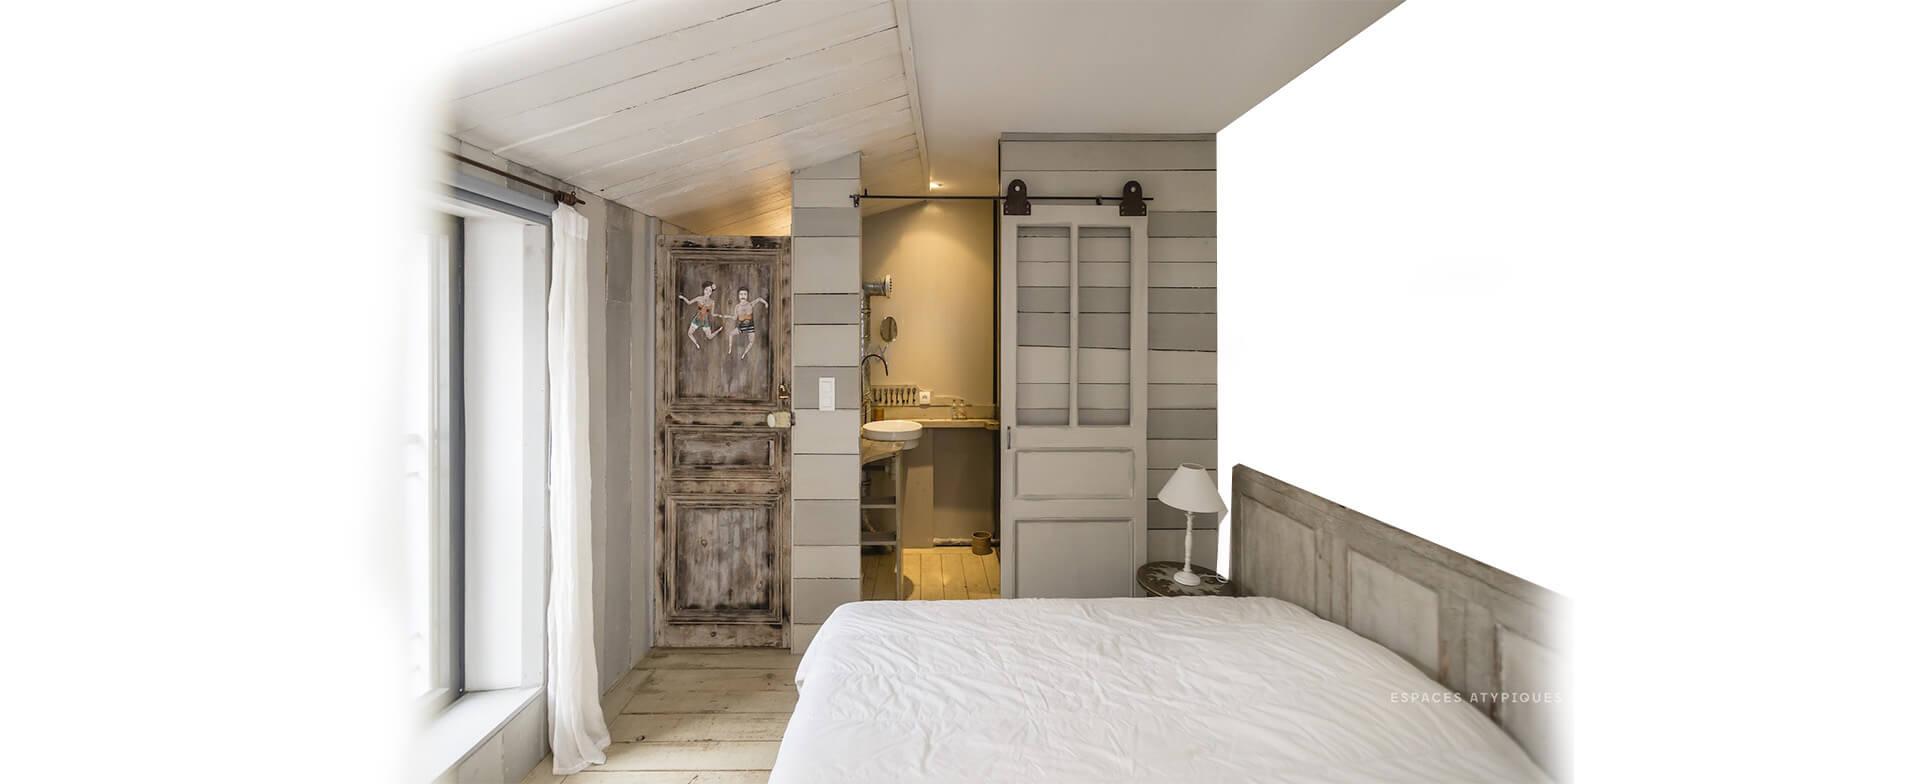 Architecte Interieur Paris Petite Surface accueil • frédéric tabary designer